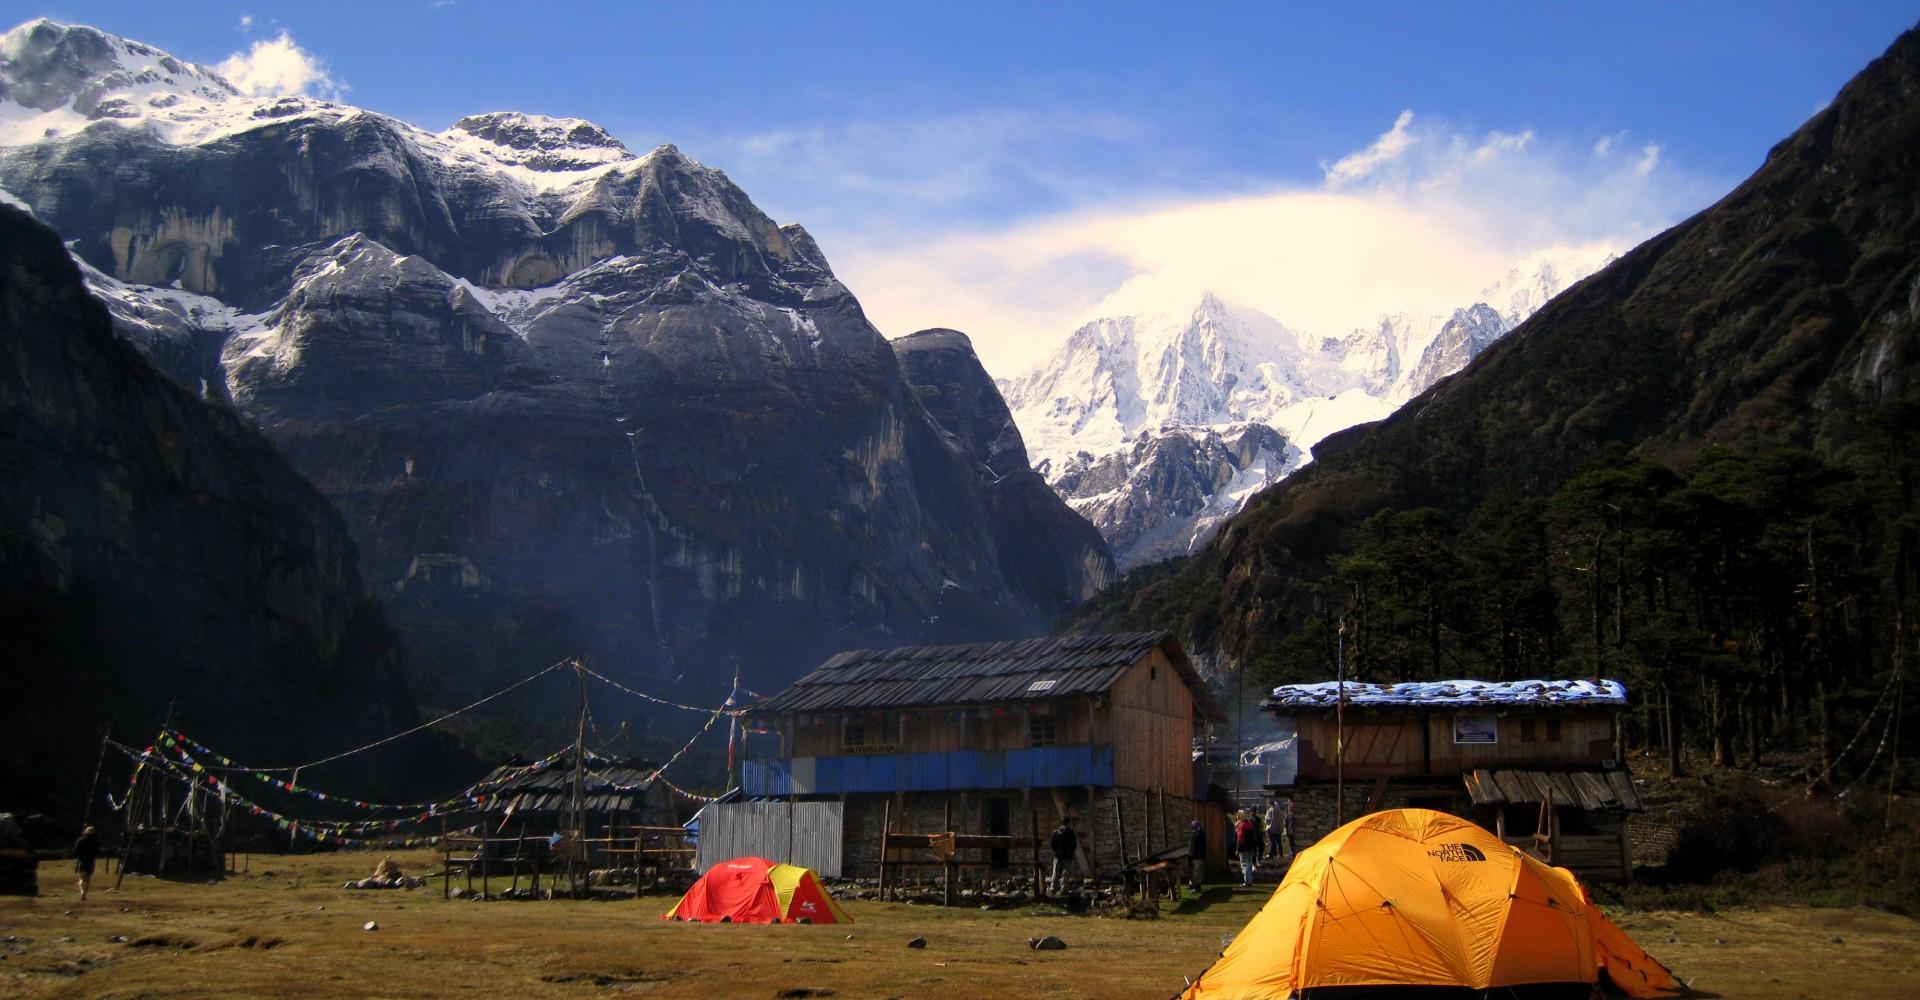 Trekking Nepal's High Passes